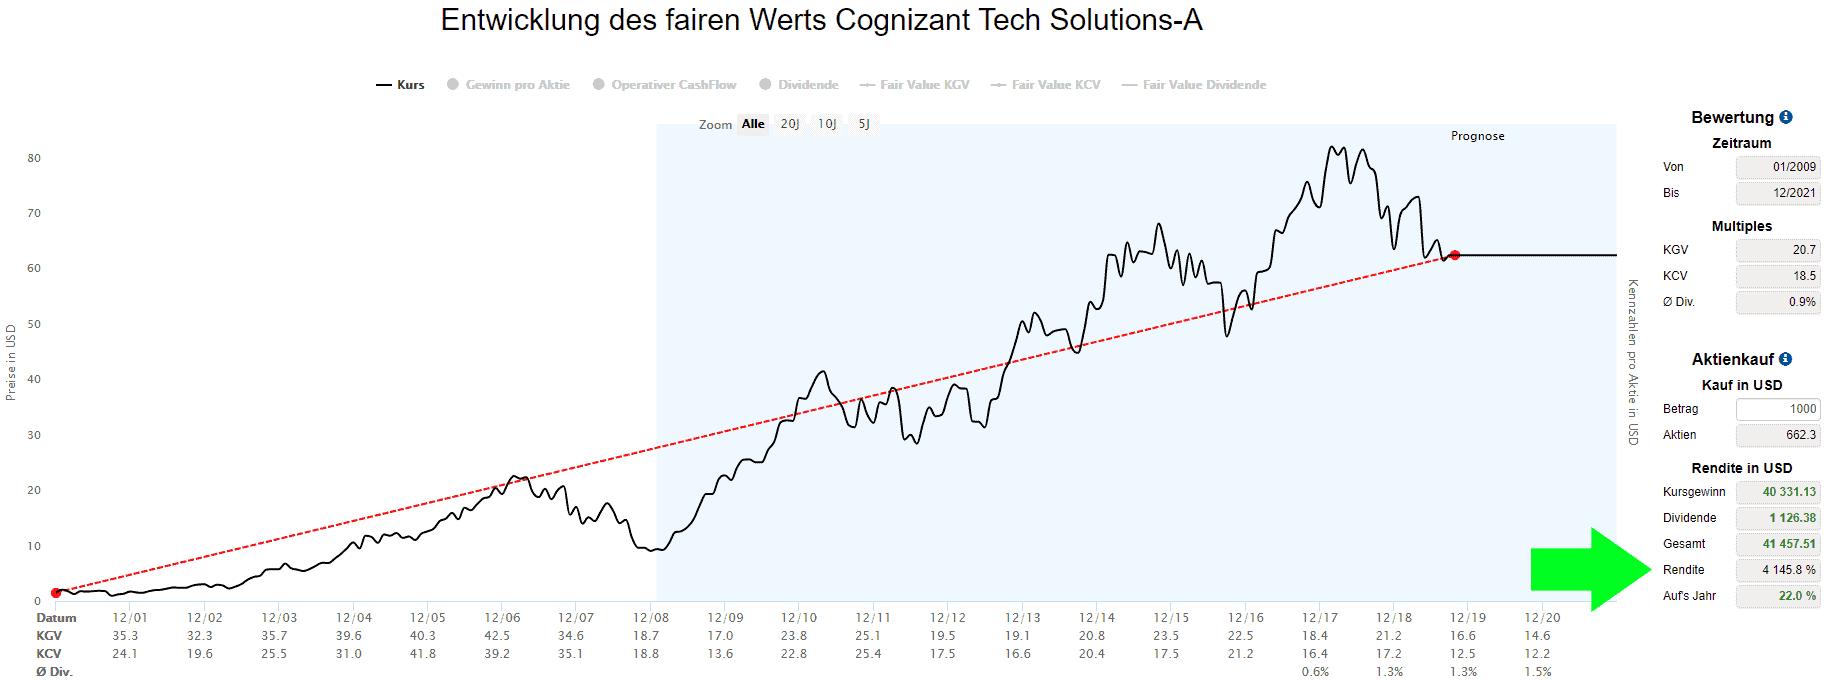 Kursgewinne der Cognizant Tech Solutions Aktie (Quelle: Aktienfinder.Net)